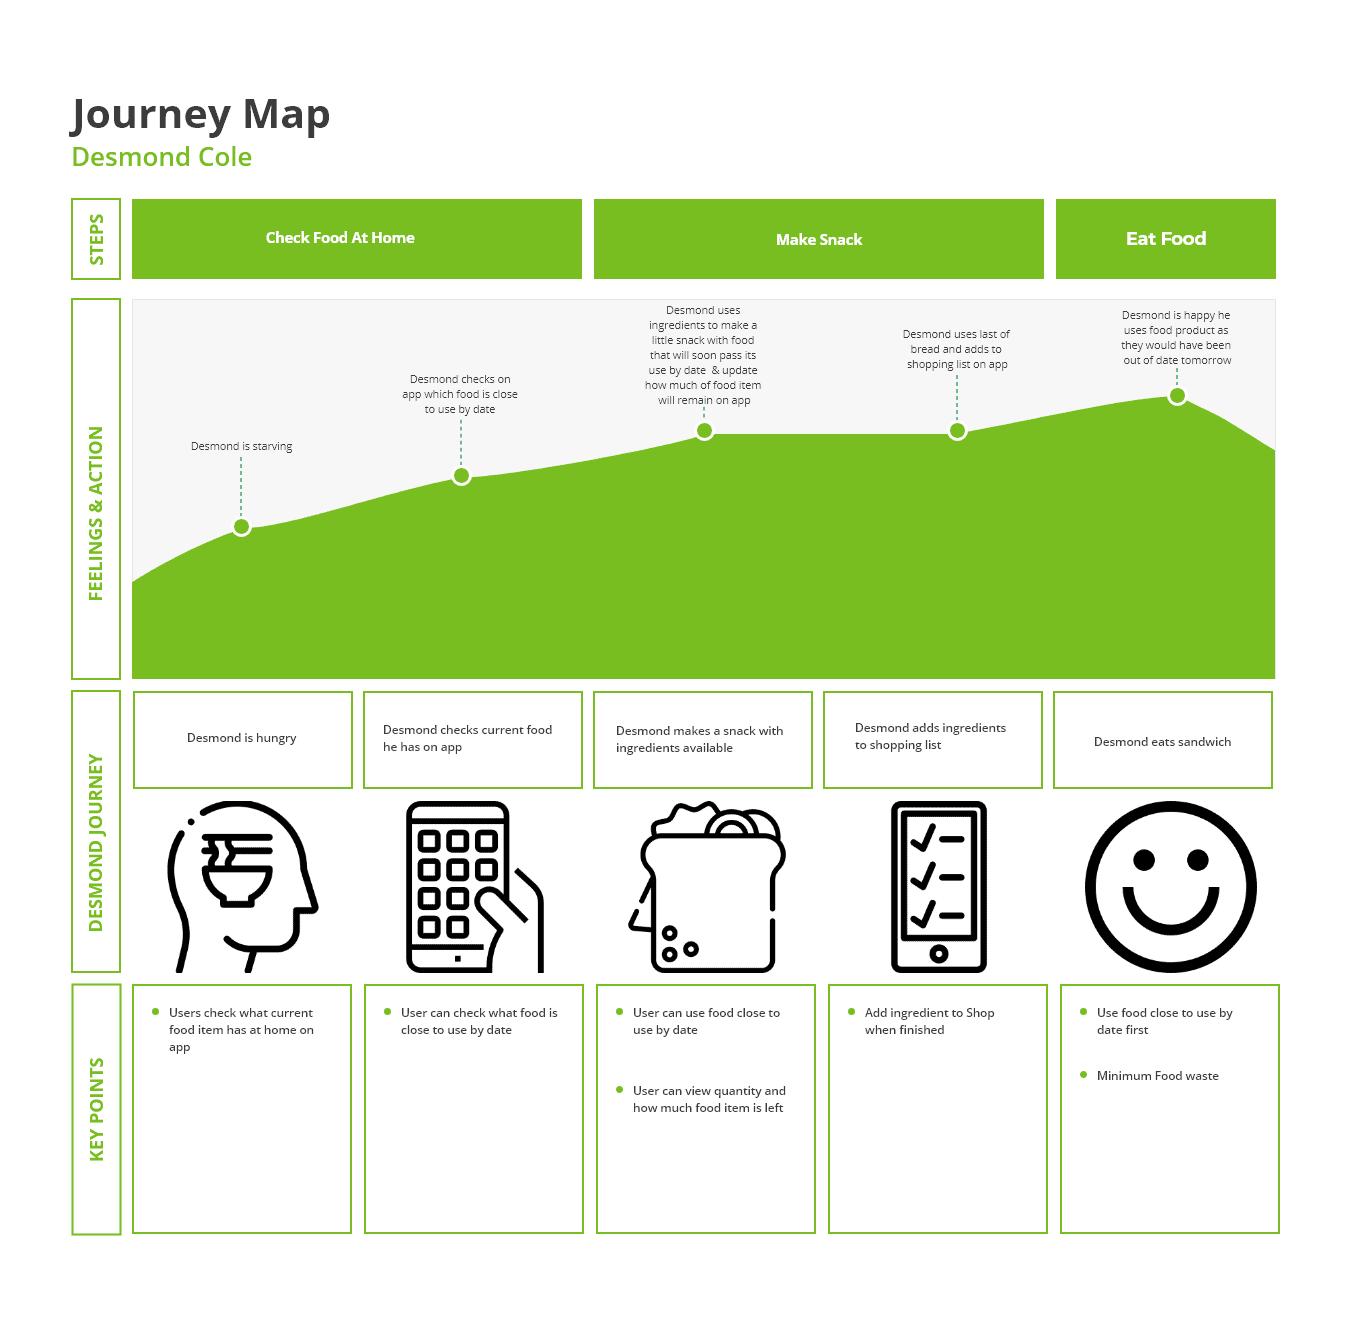 Journey Map Desmond Cole